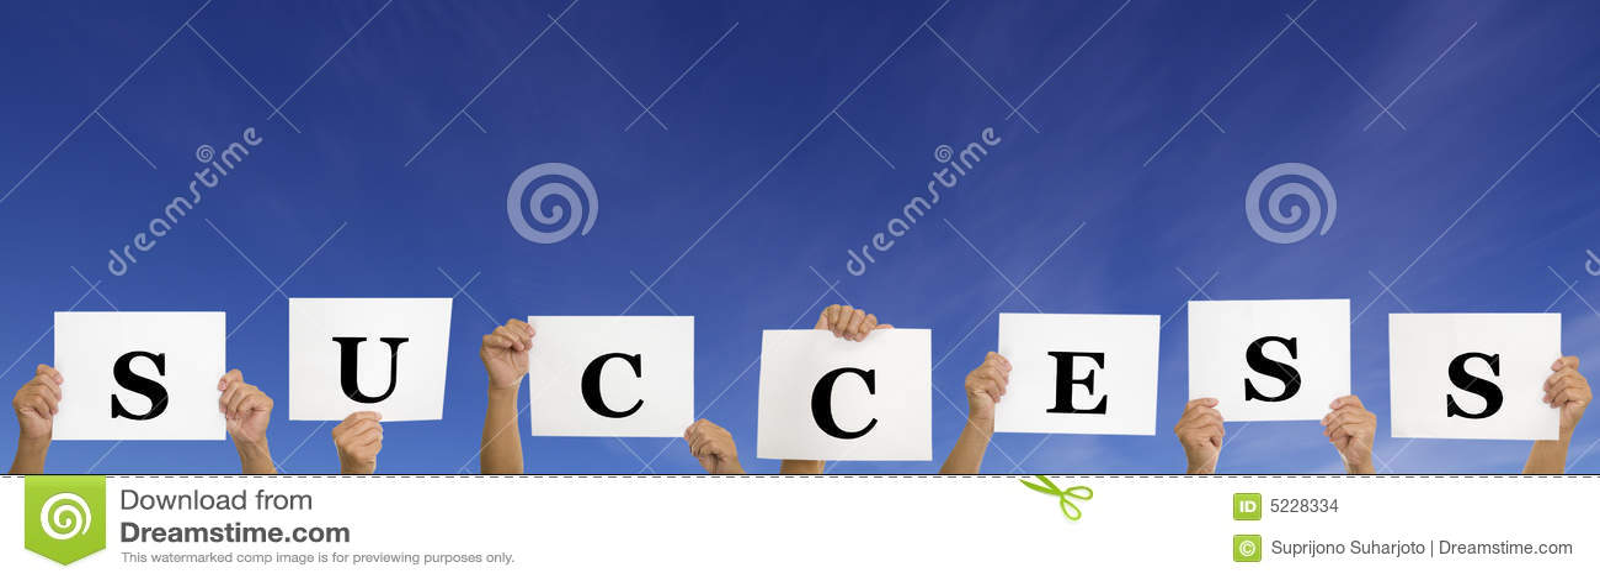 Successtool24